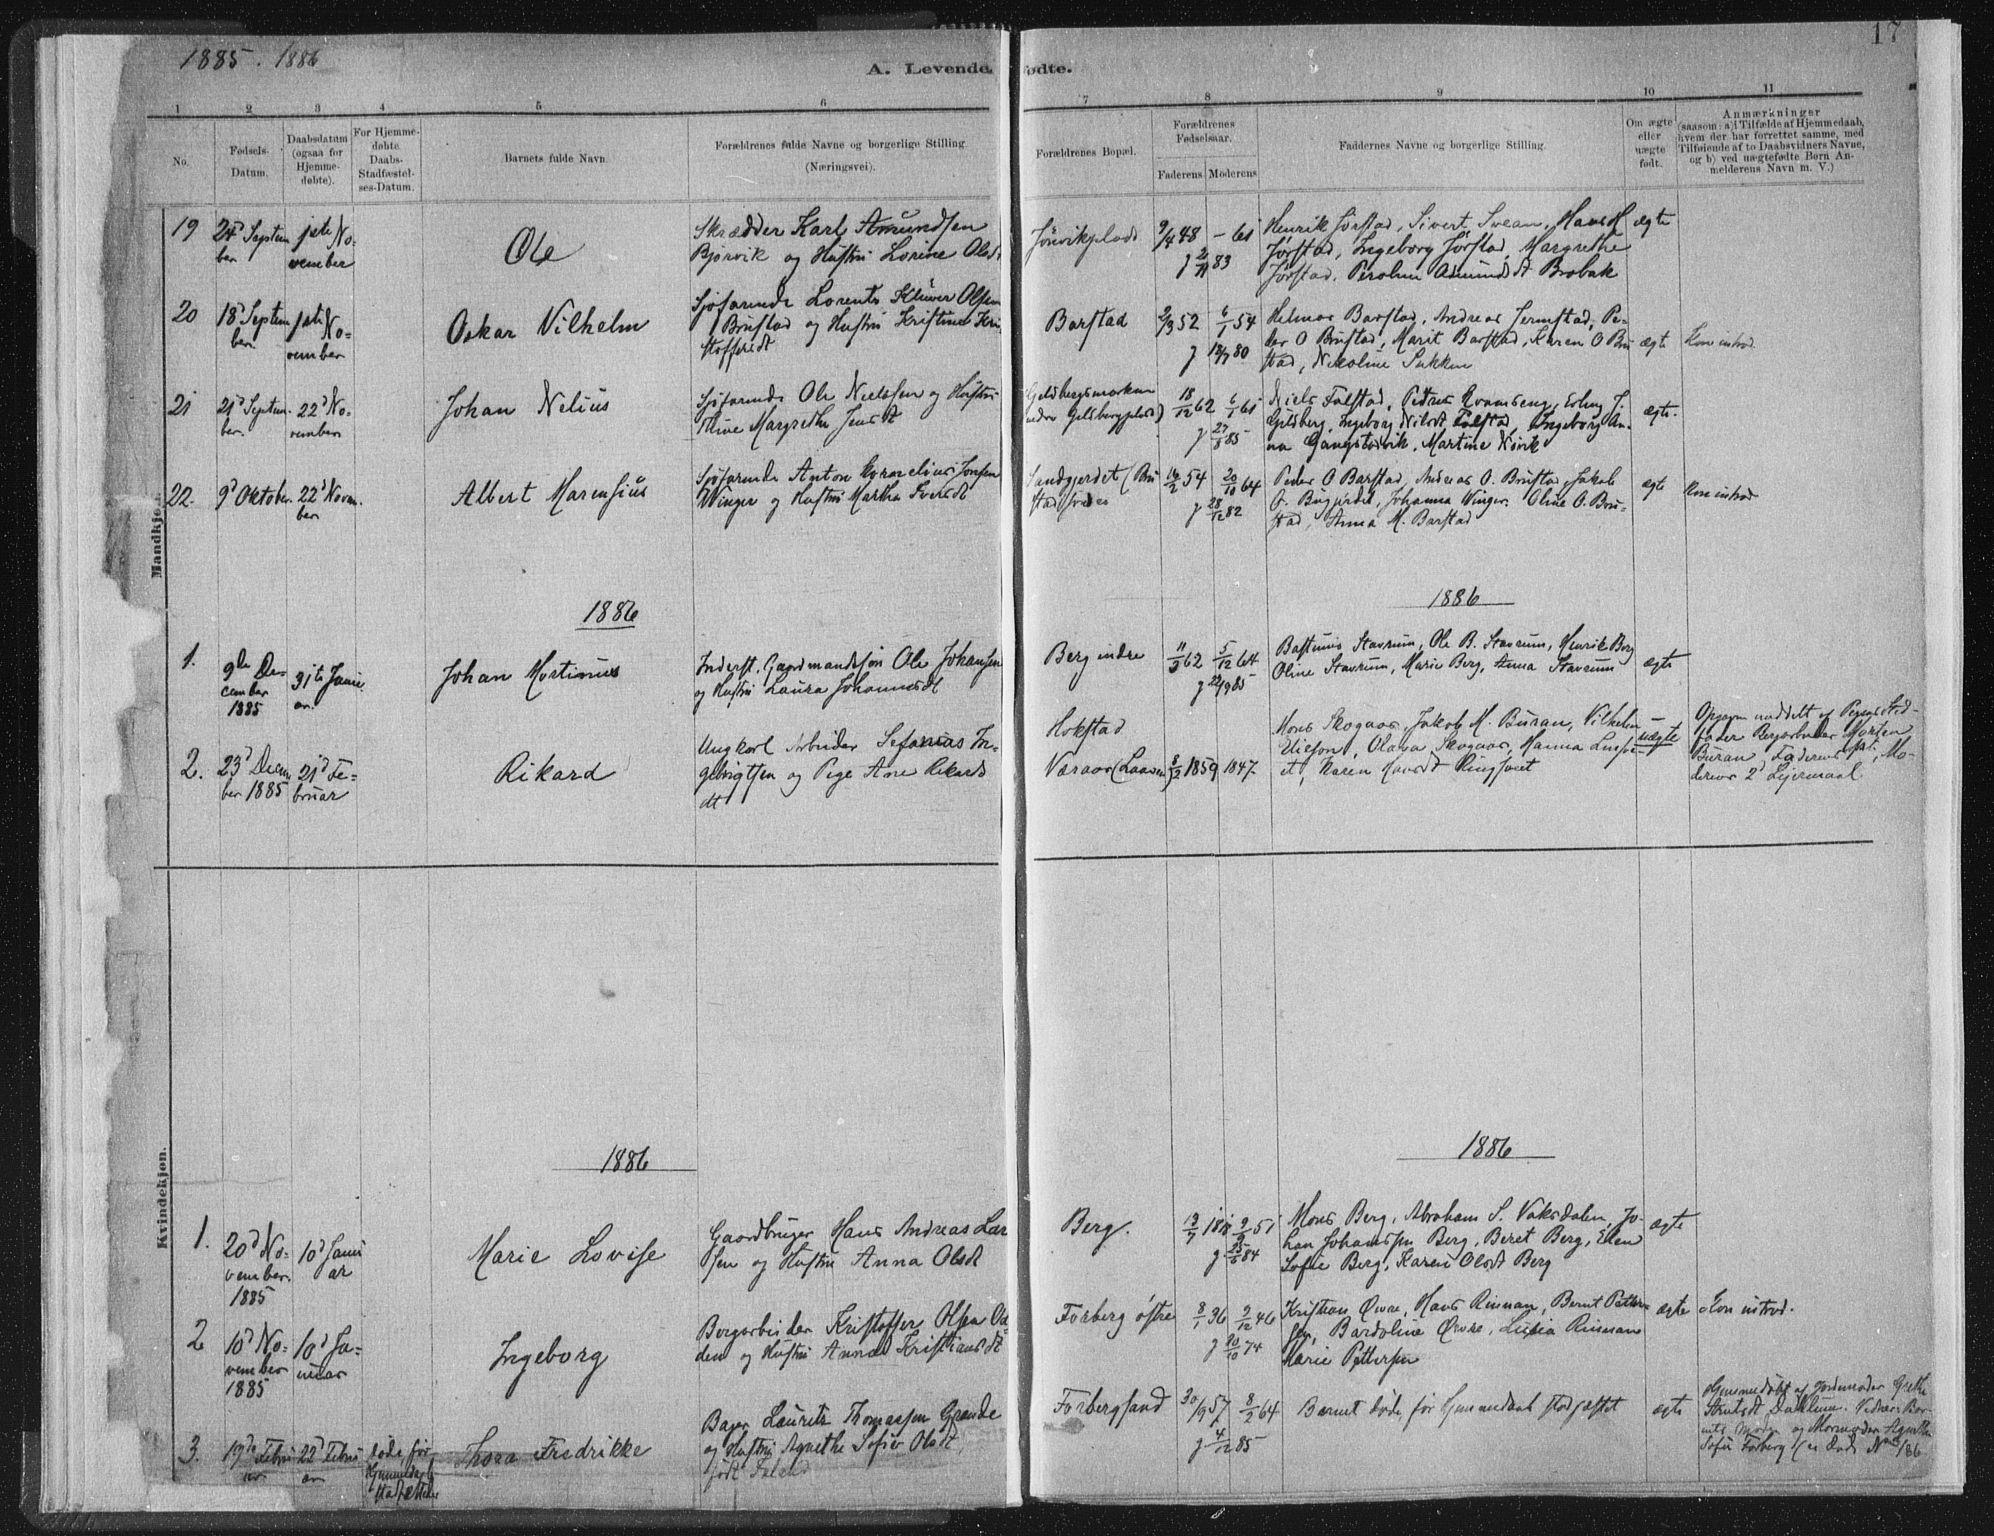 SAT, Ministerialprotokoller, klokkerbøker og fødselsregistre - Nord-Trøndelag, 722/L0220: Ministerialbok nr. 722A07, 1881-1908, s. 17